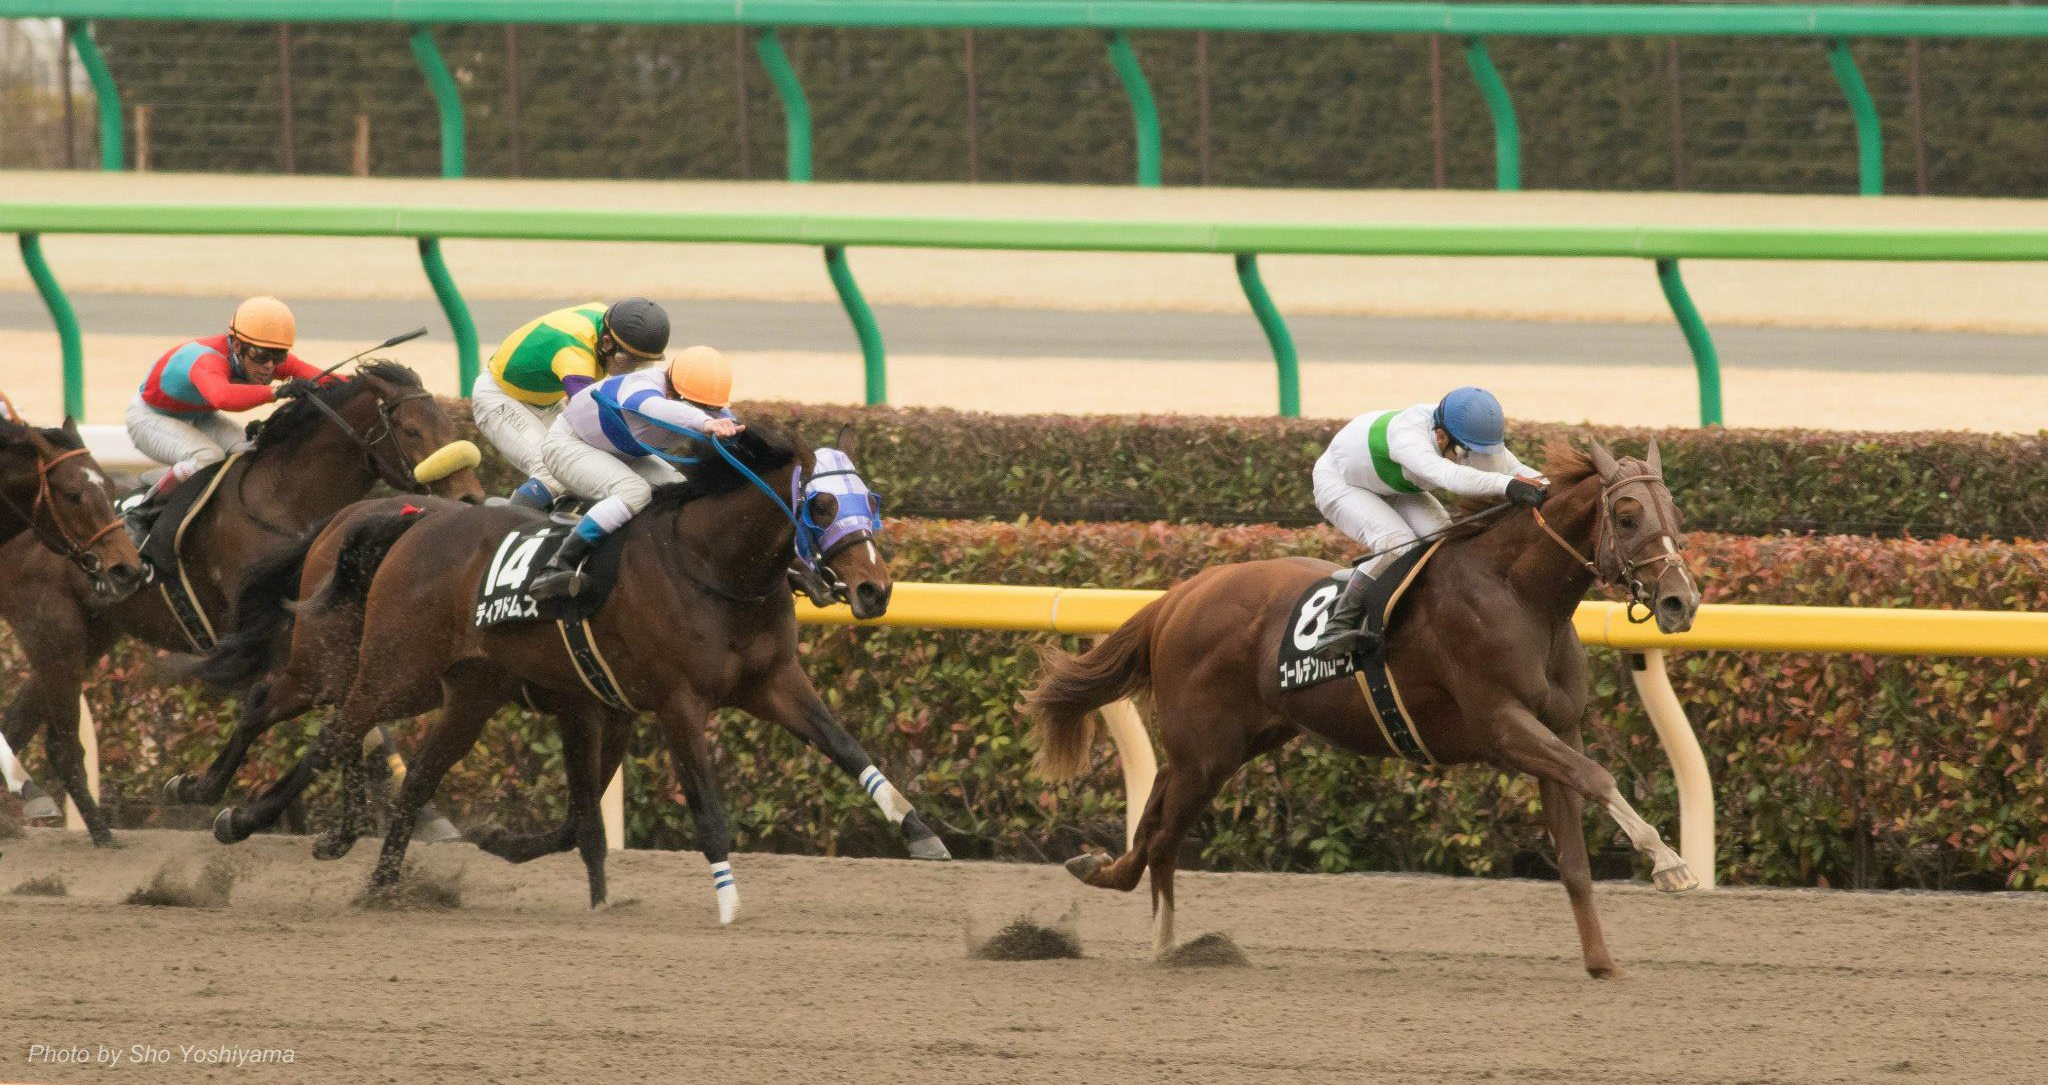 武蔵野ステークス2015は出走予定馬と1週前展望です